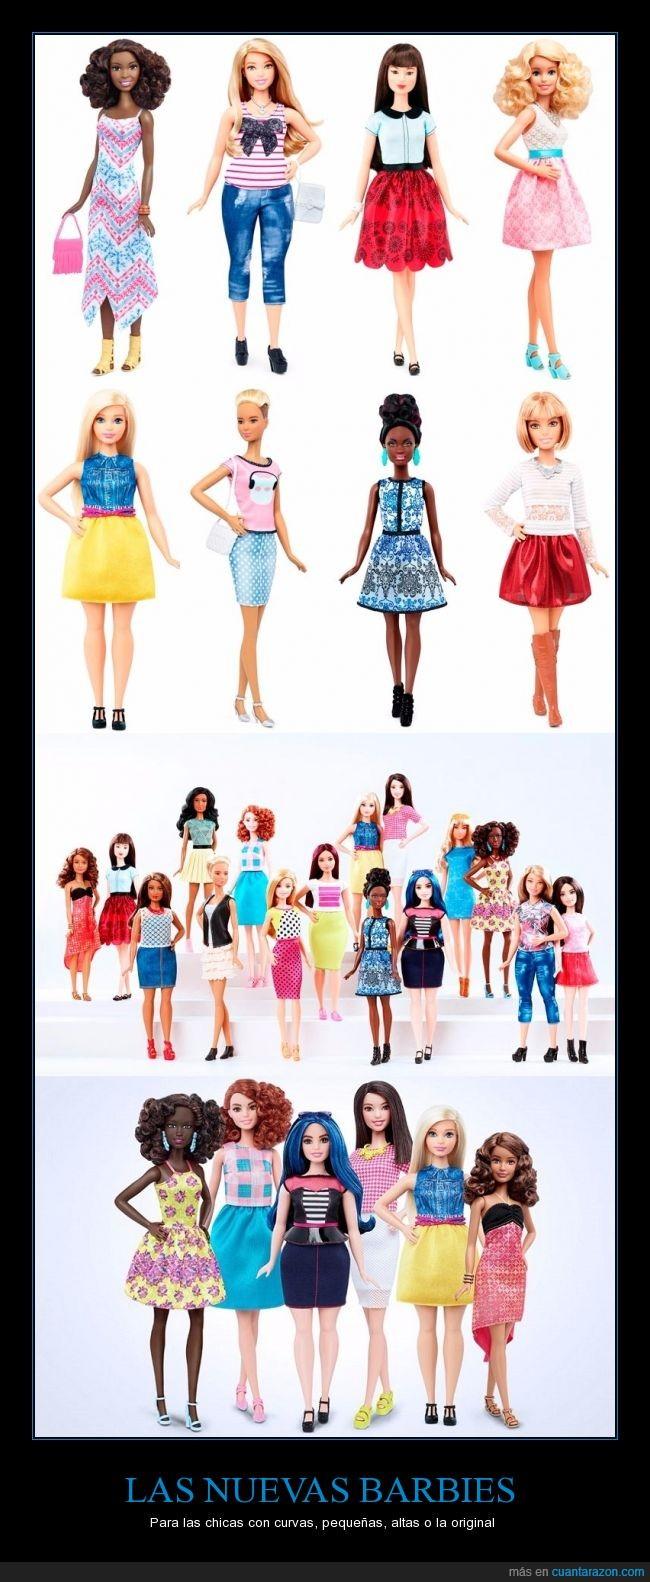 alta,barbie,cuerpo,curvas,forma,pequeña